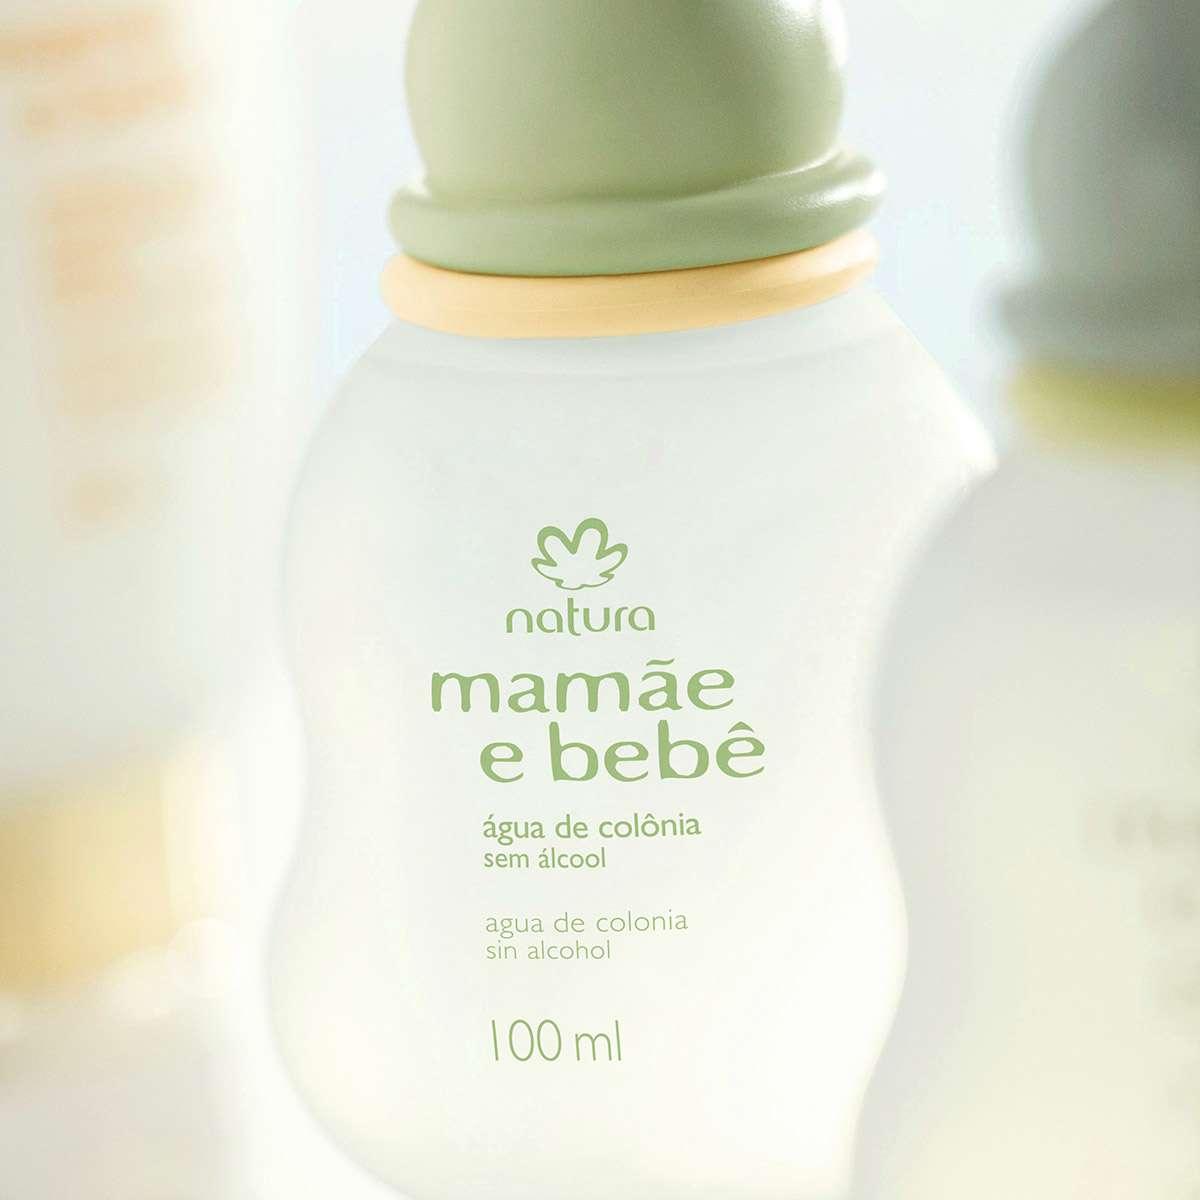 Natura Mamãe E Bebê Água De Colônia 100ml